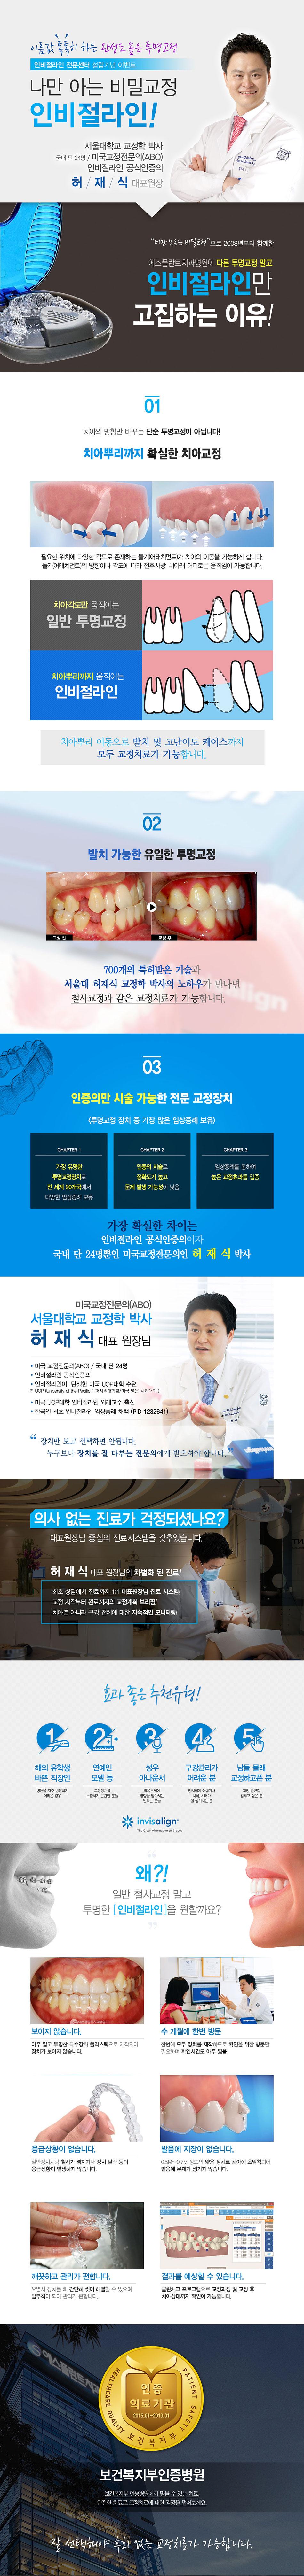 교정과-랜딩페이지_인비절라인_홈페이지용